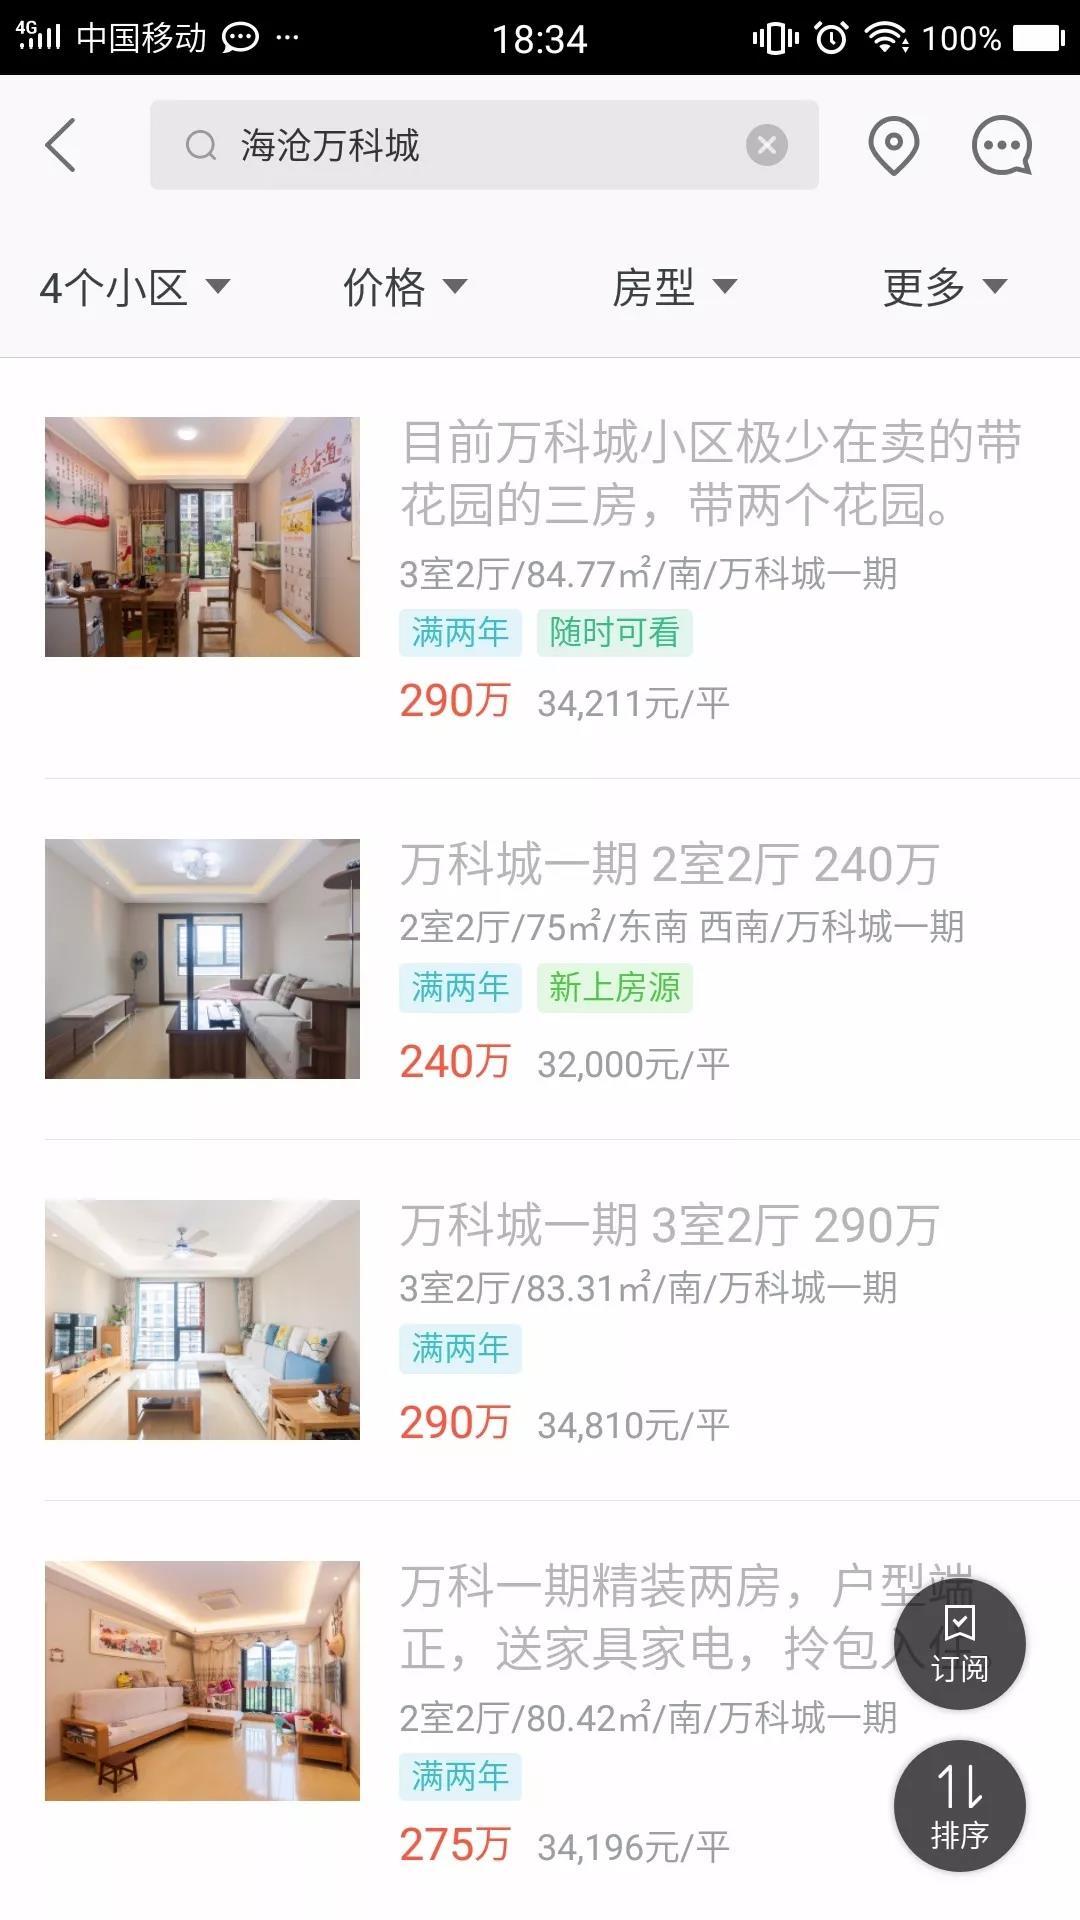 【市场】厦某学区跌5000元/平 某小区成交比挂牌低3000